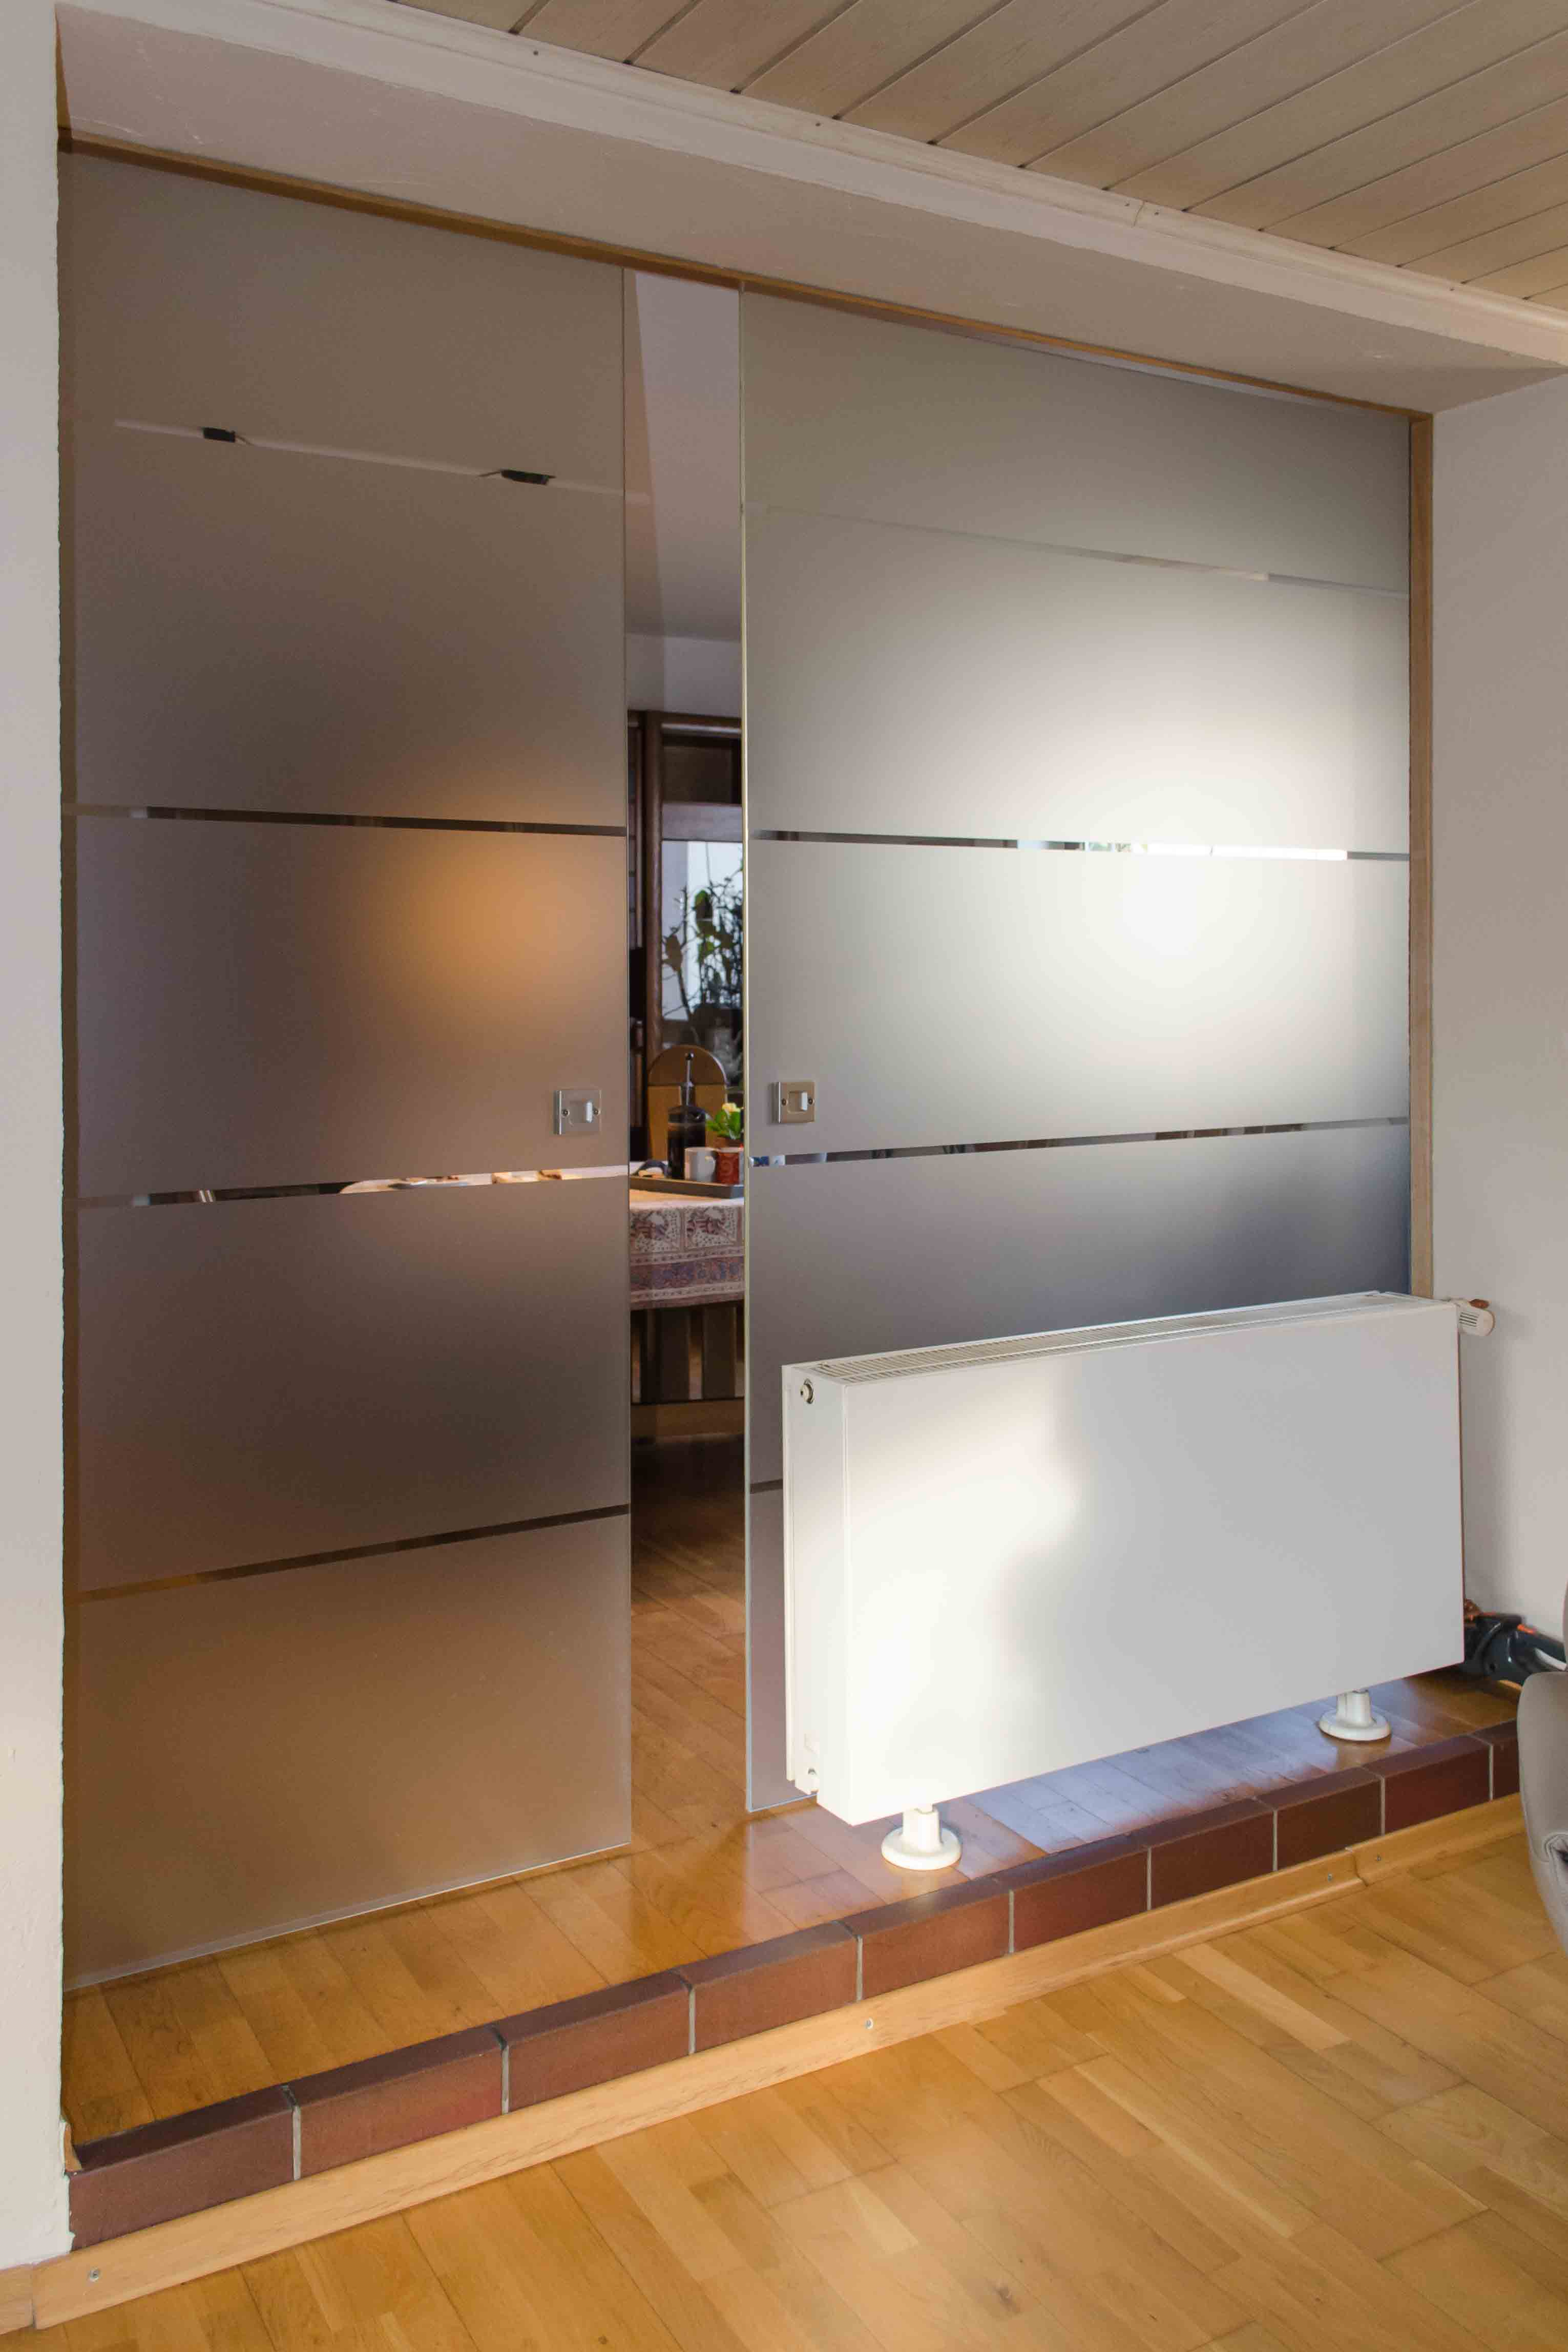 Niedlich Sie Können Hochglänzende Küchentüren Malen Bilder - Ideen ...